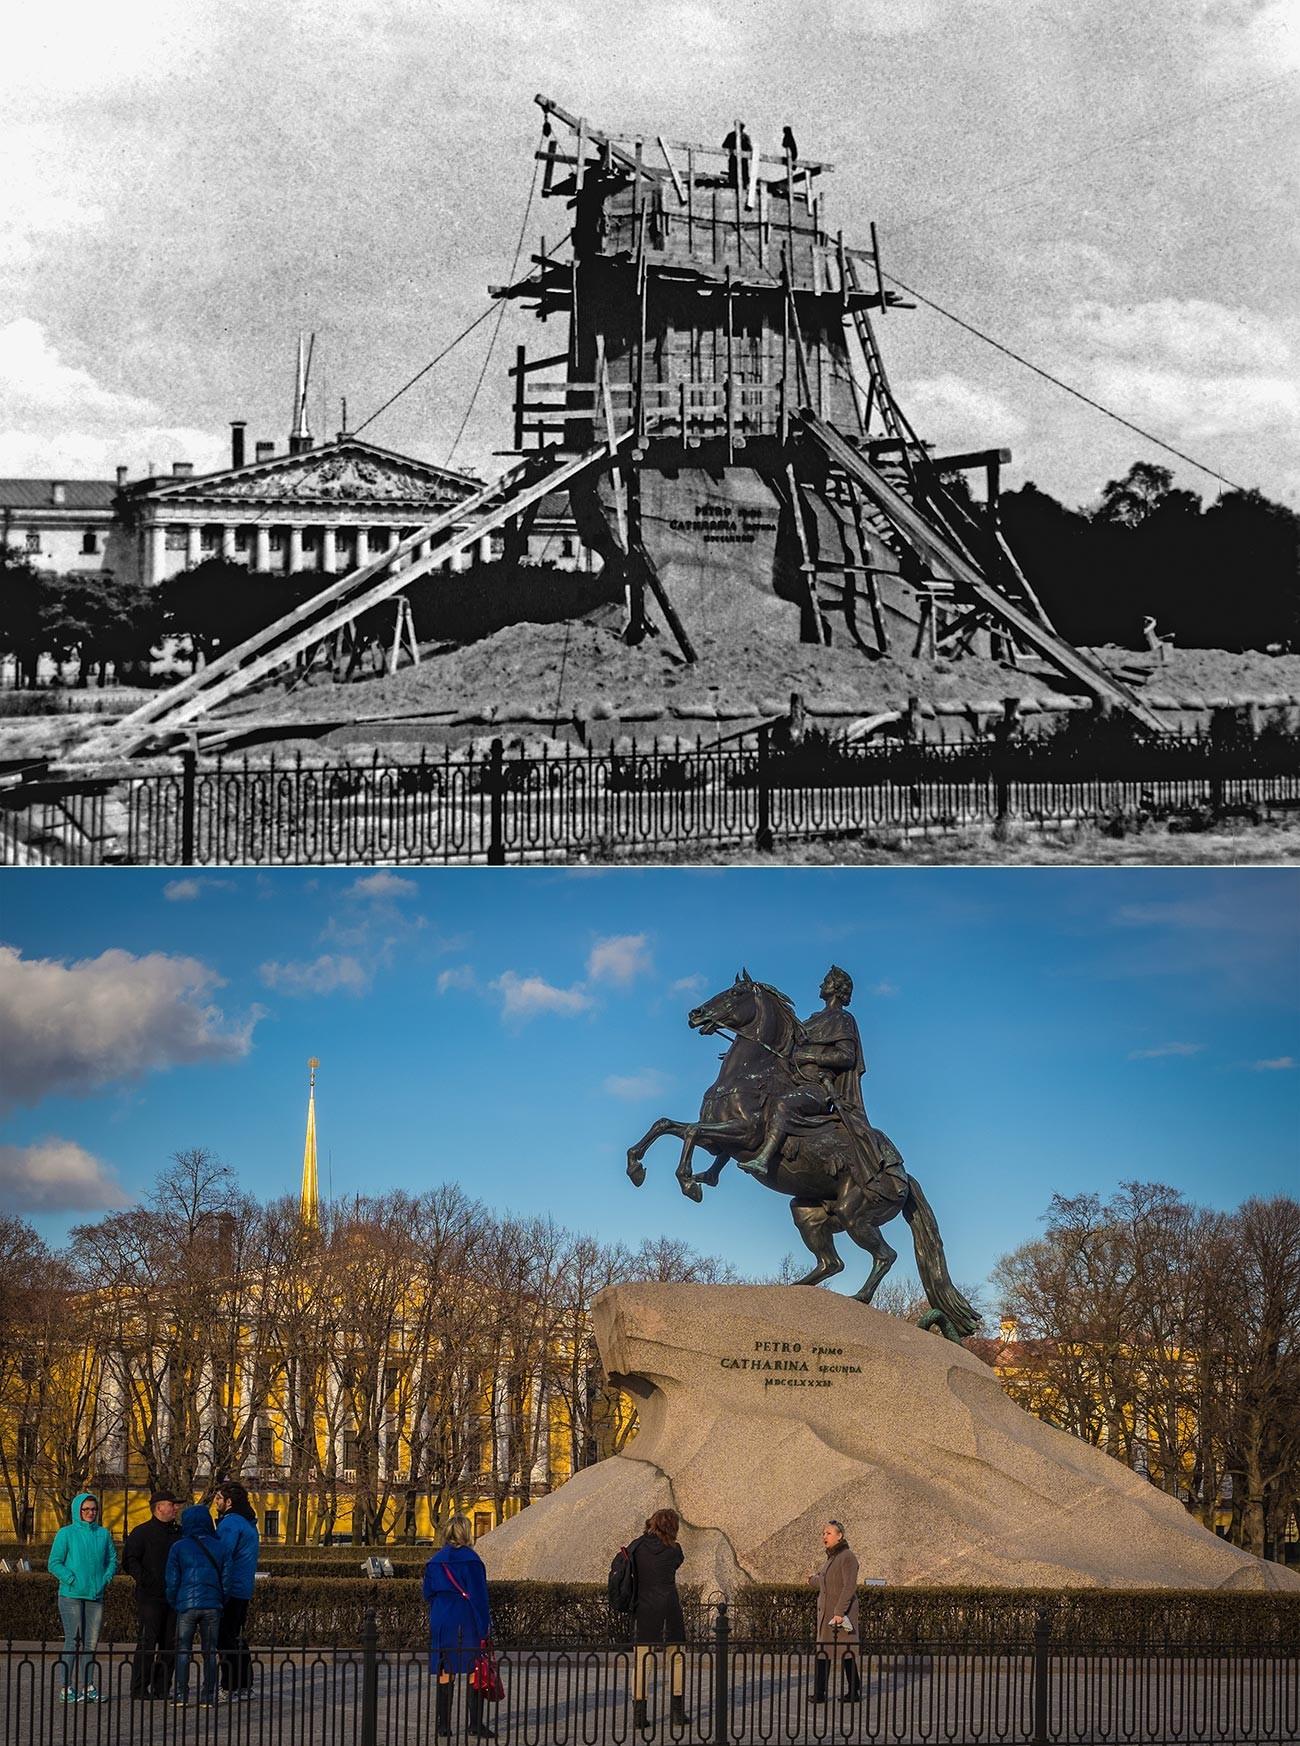 El monumento a Pedro el Grande (El Jinete de Bronce)